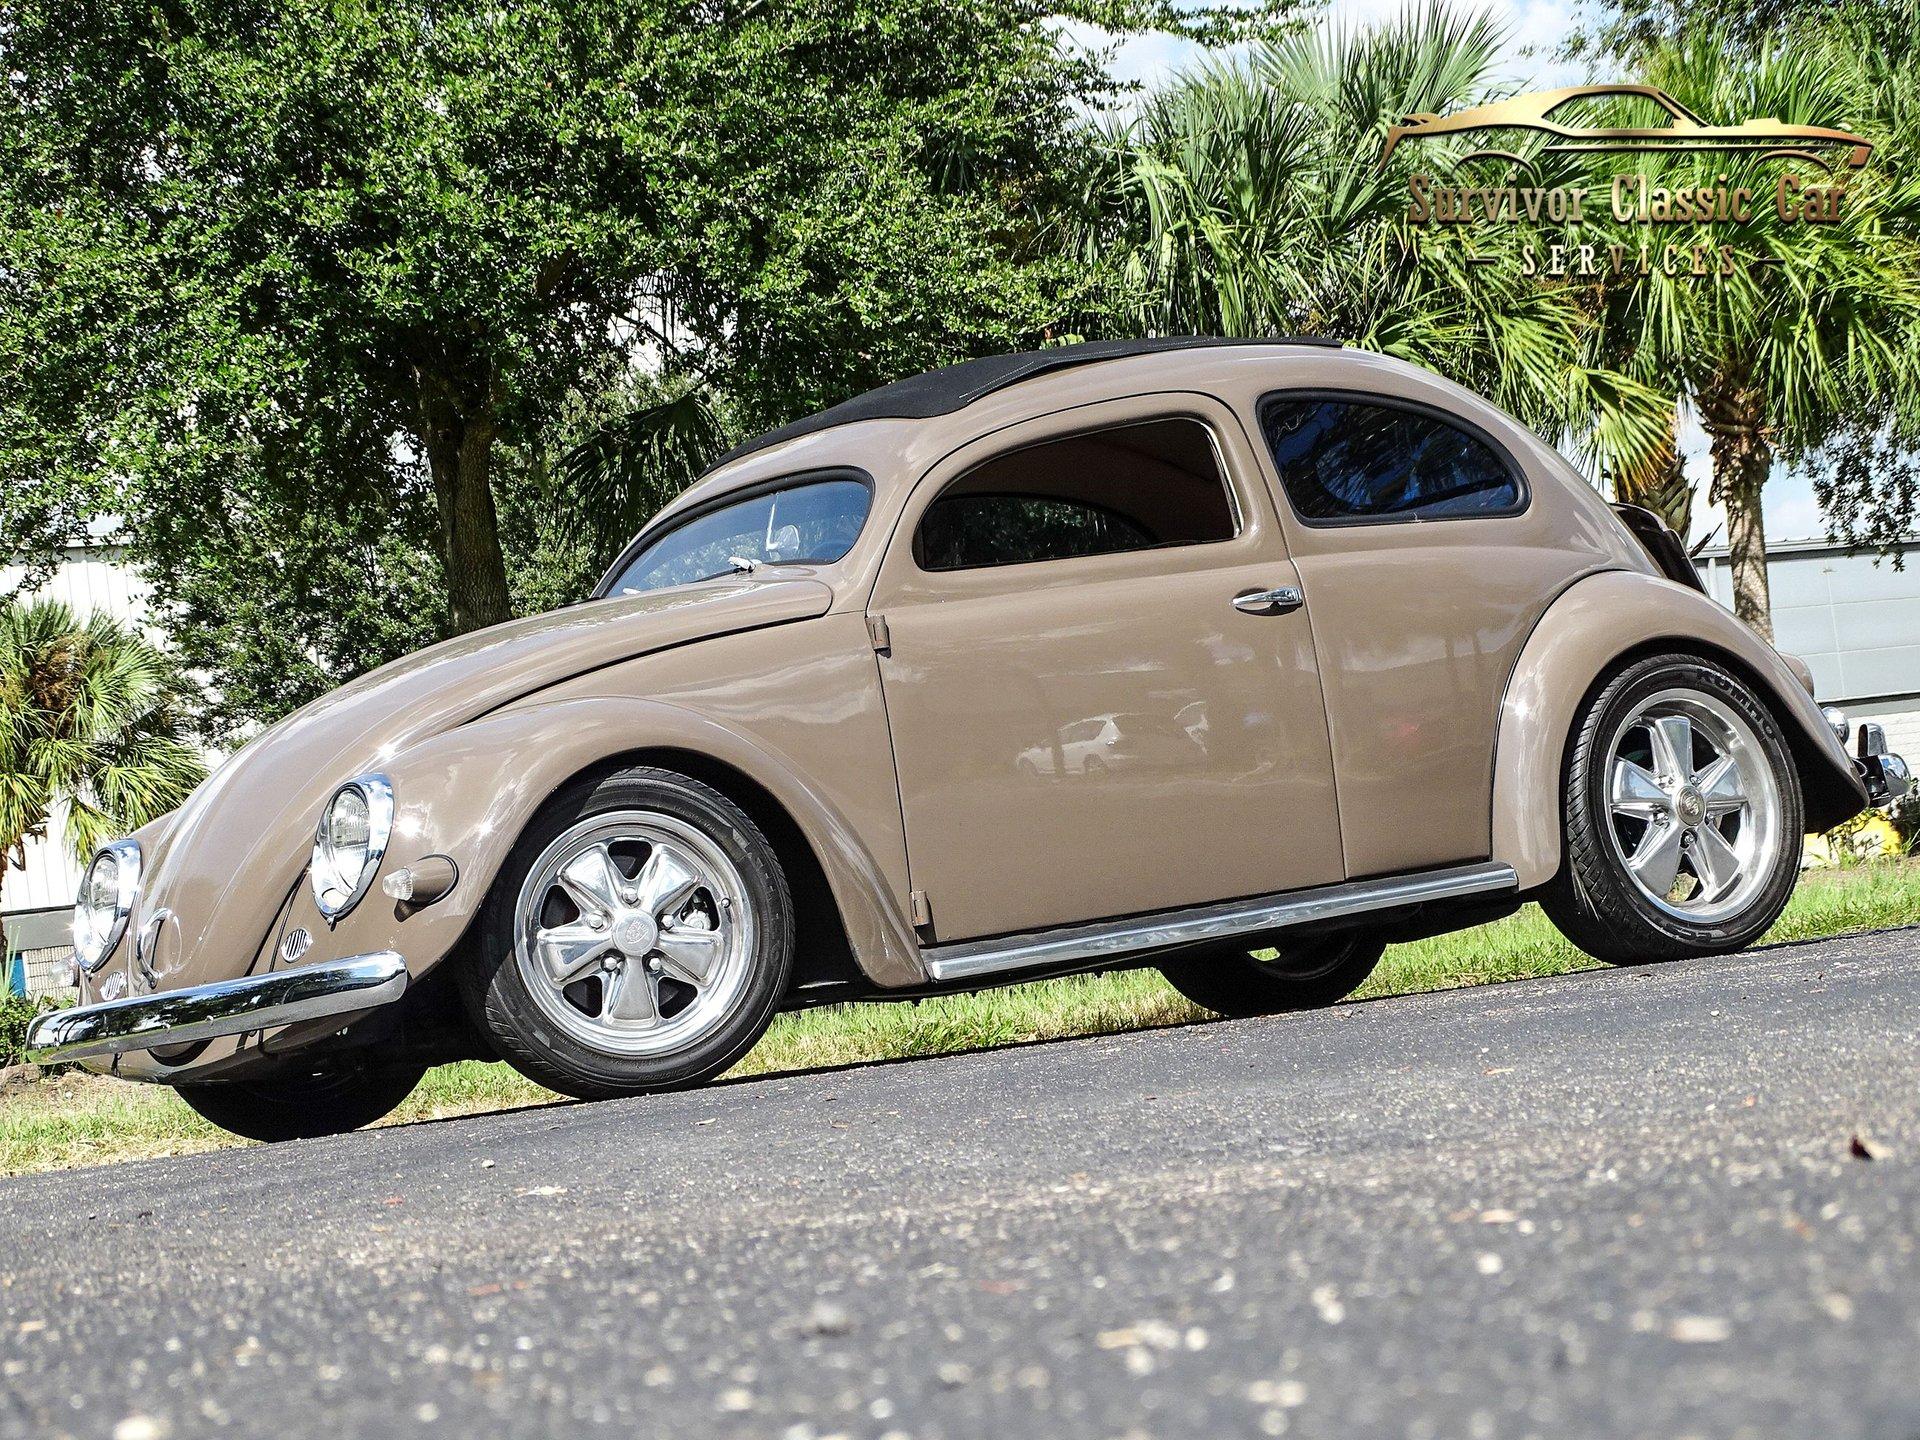 1957 volkswagen beetle restomod